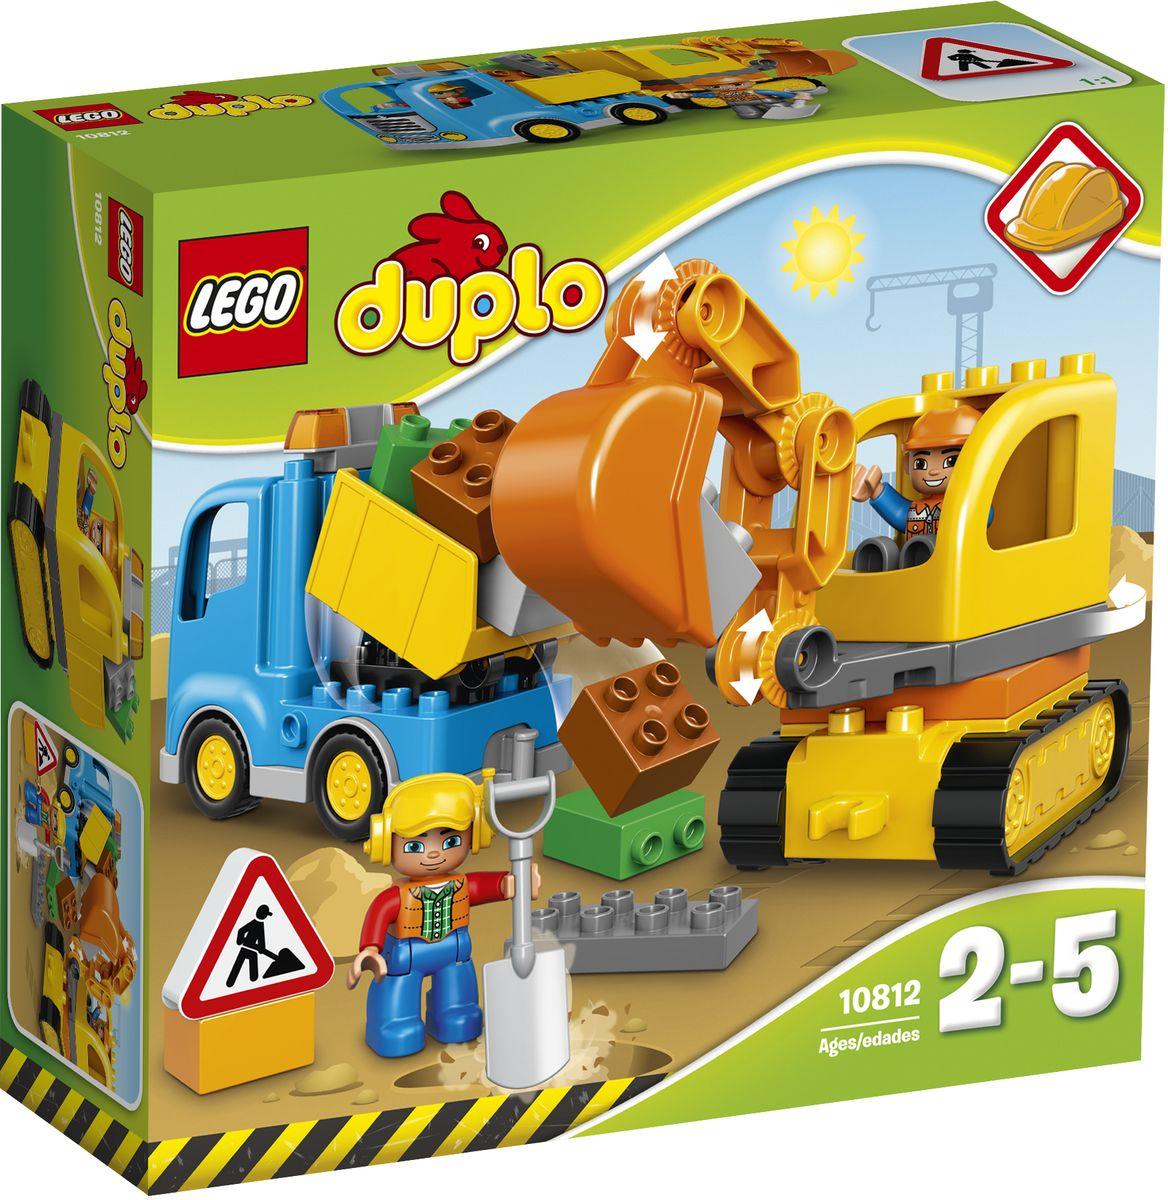 LEGO DUPLO Конструктор Грузовик и гусеничный экскаватор 10812 конструктор дупло грузовик и гусеничный экскаватор